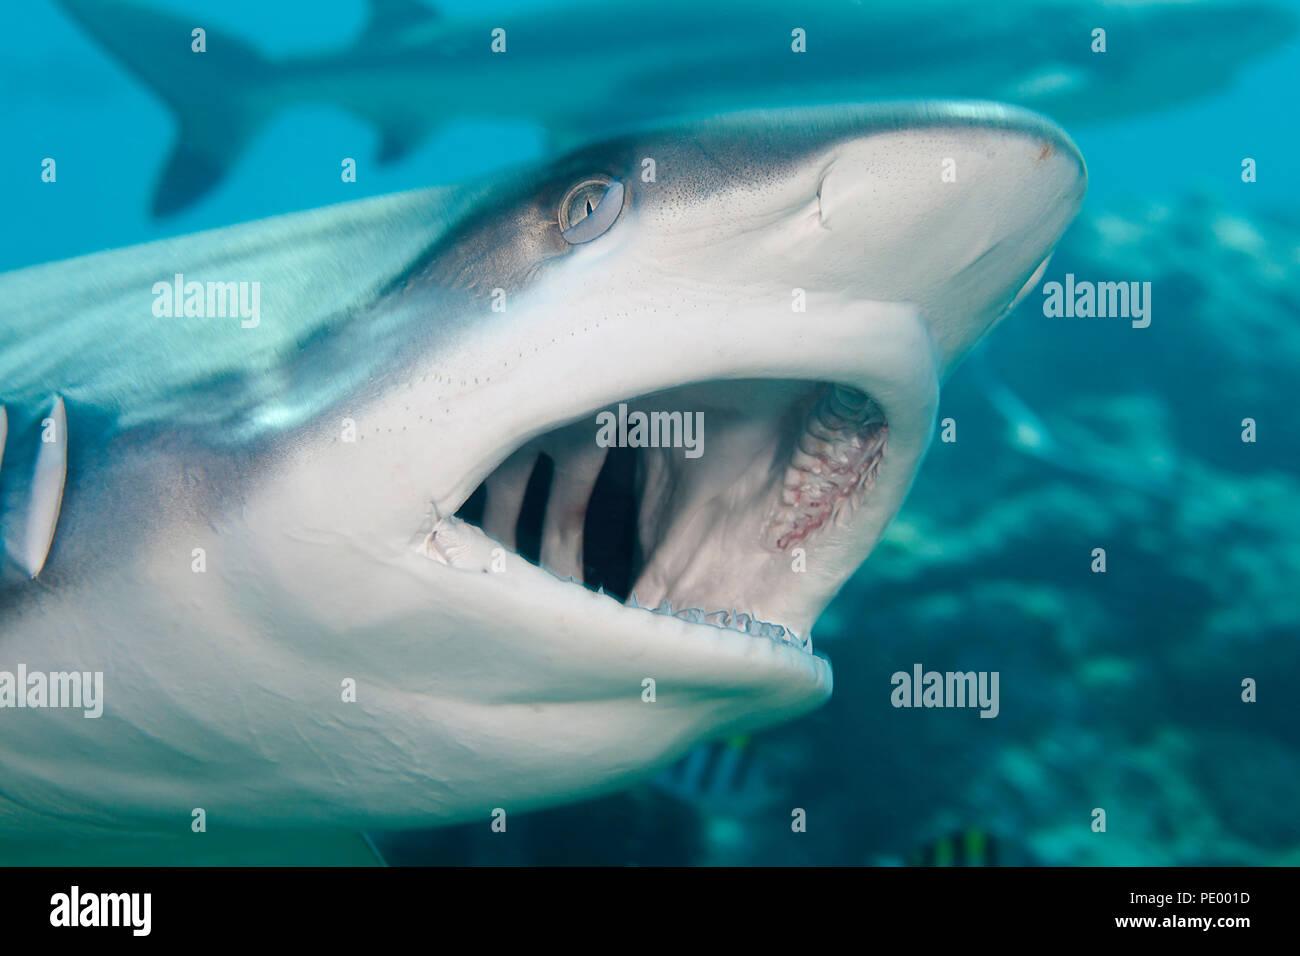 Un tiburón gris de arrecife, Carcharhinus amblyrhynchos, abre la boca durante un tiburón se alimentan de la isla de Yap, Micronesia. Foto de stock